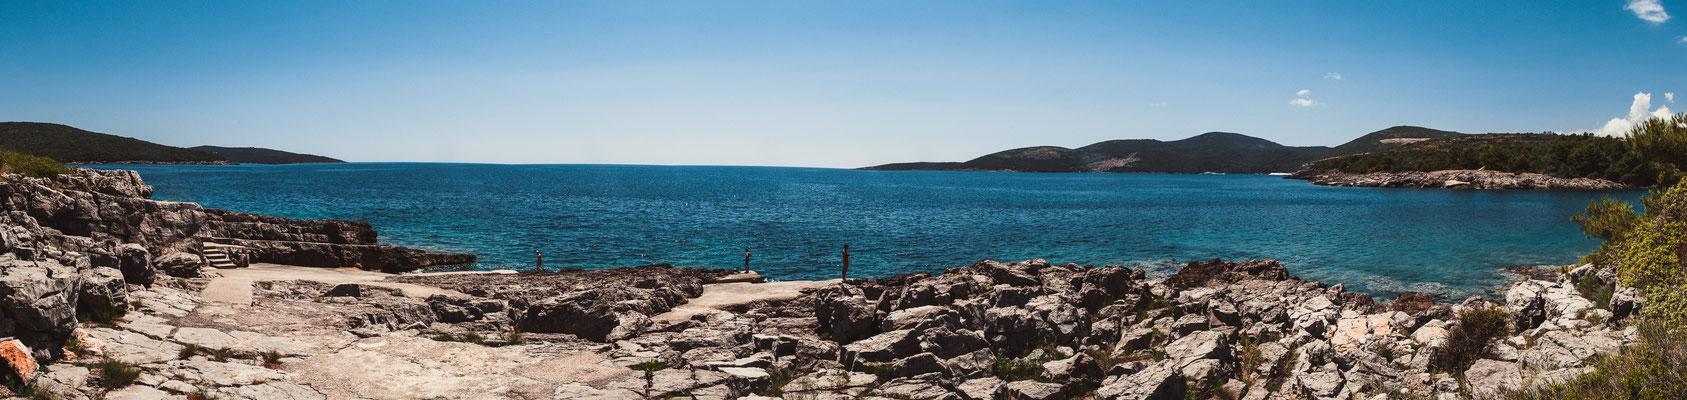 Panorama Blick auf den schönsten Strand Beach Pržno - Plavi Horizont von einer anderen Seite, die nur zu Fuß zu erreichen ist